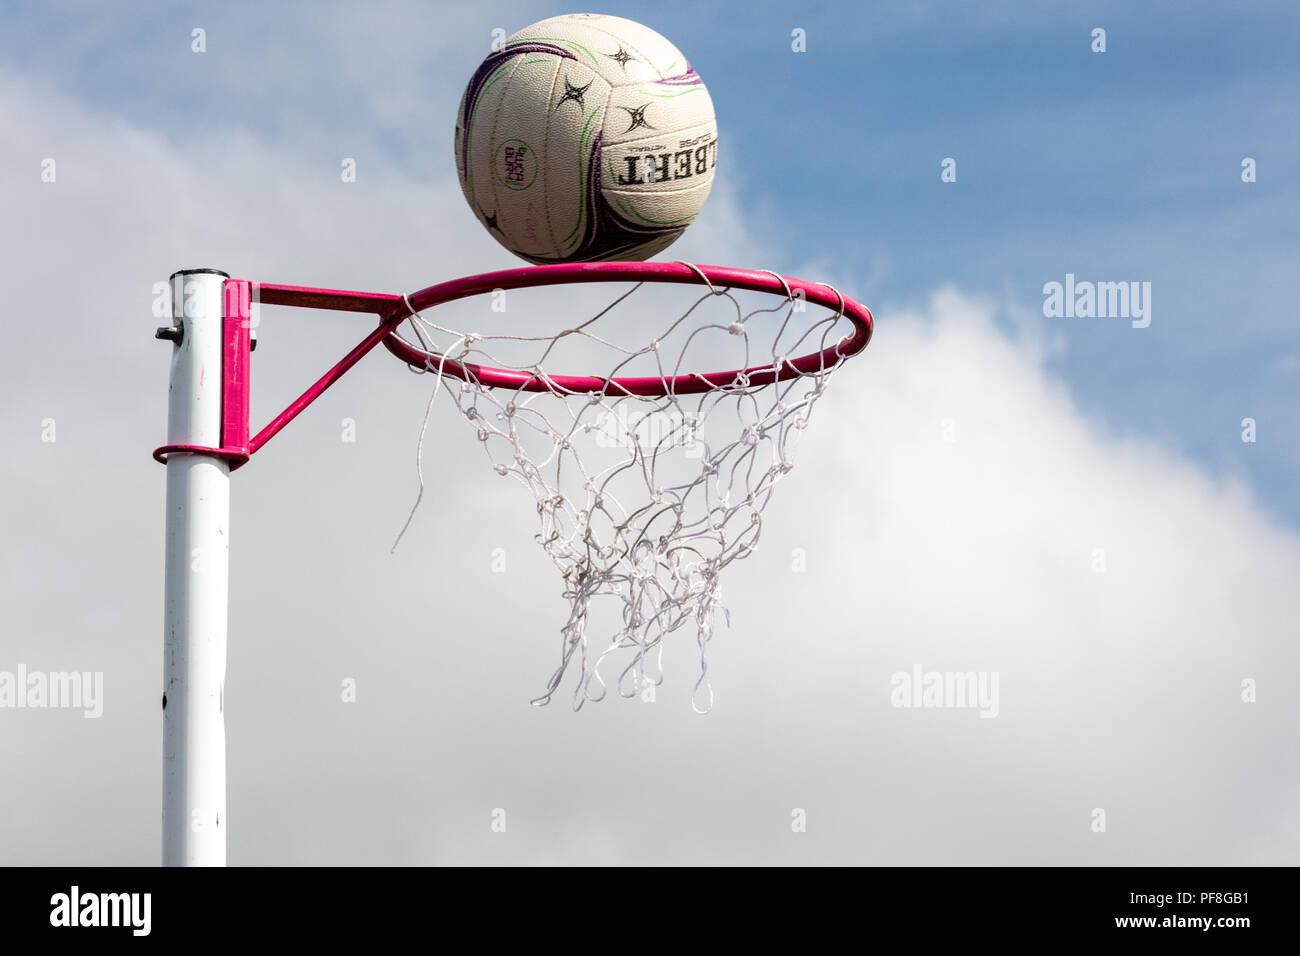 Netball netball puestos a punto de ir a través de la red contra un cielo azul. Ganar, anotando Imagen De Stock